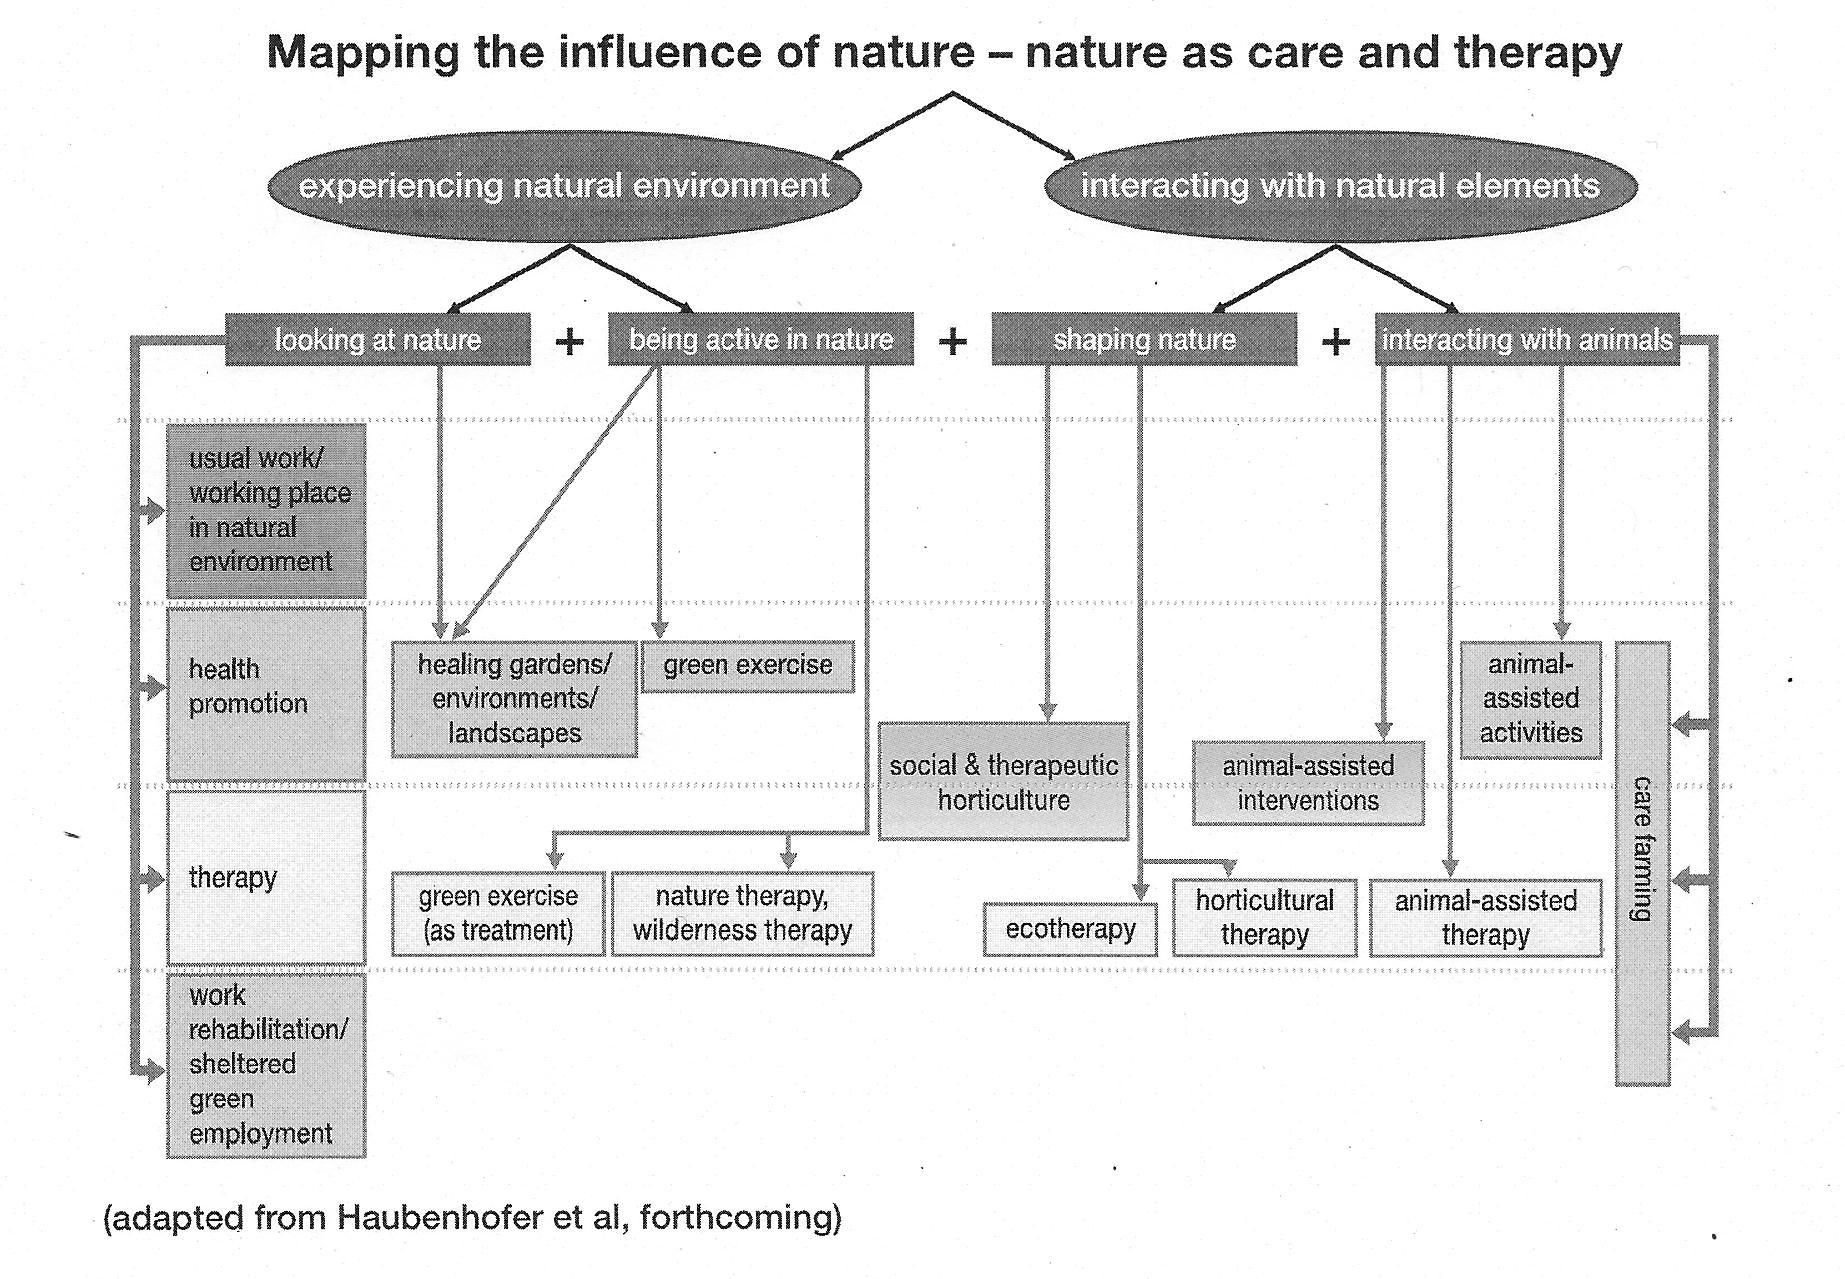 naturens indflydelse